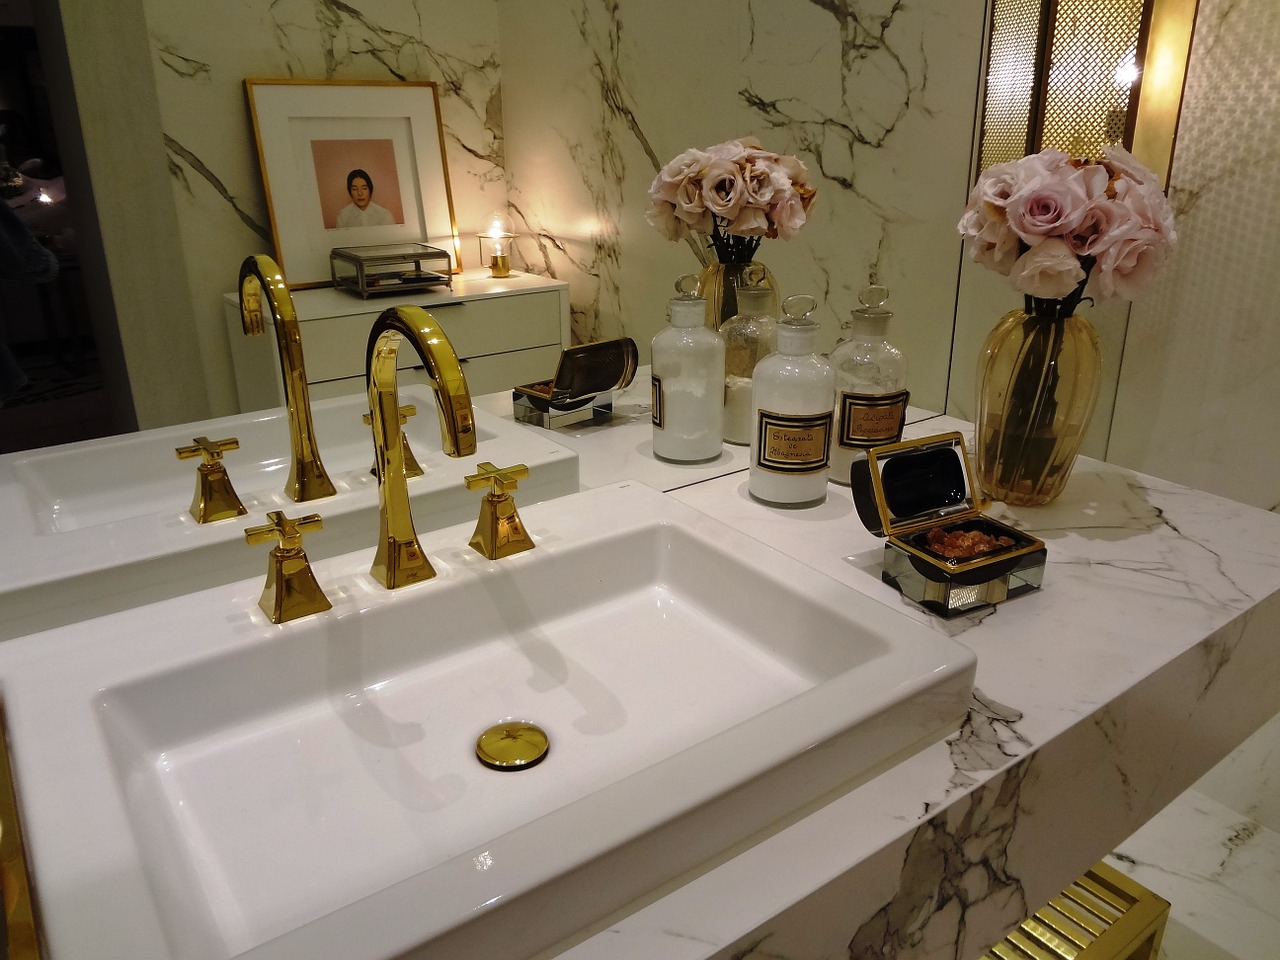 Rénovation de salle de bain complète dans le Gers